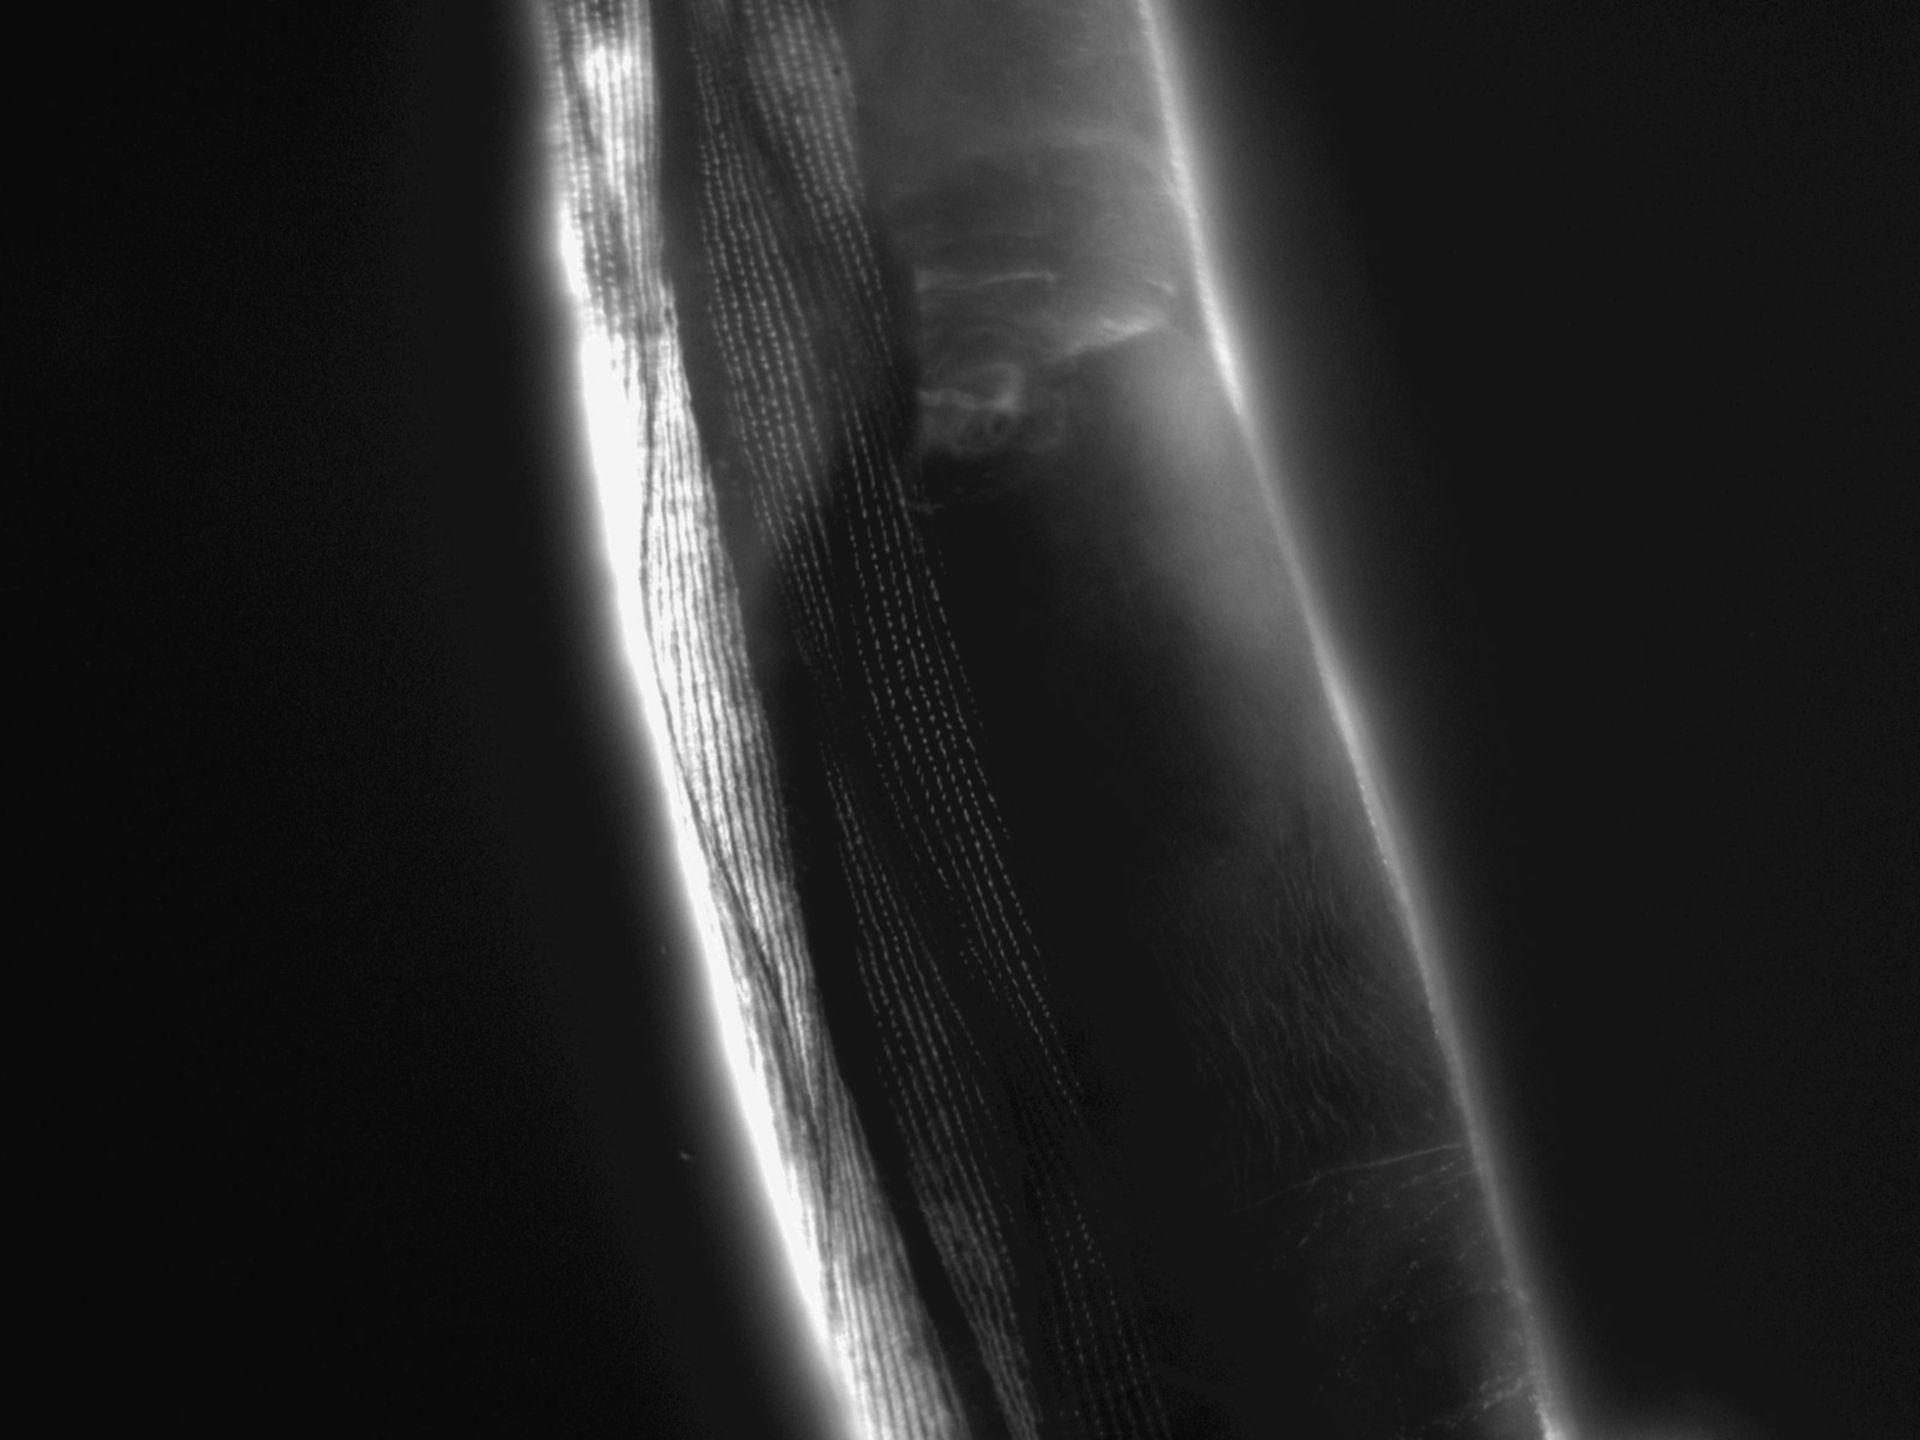 Caenorhabditis elegans (Actin filament) - CIL:1190